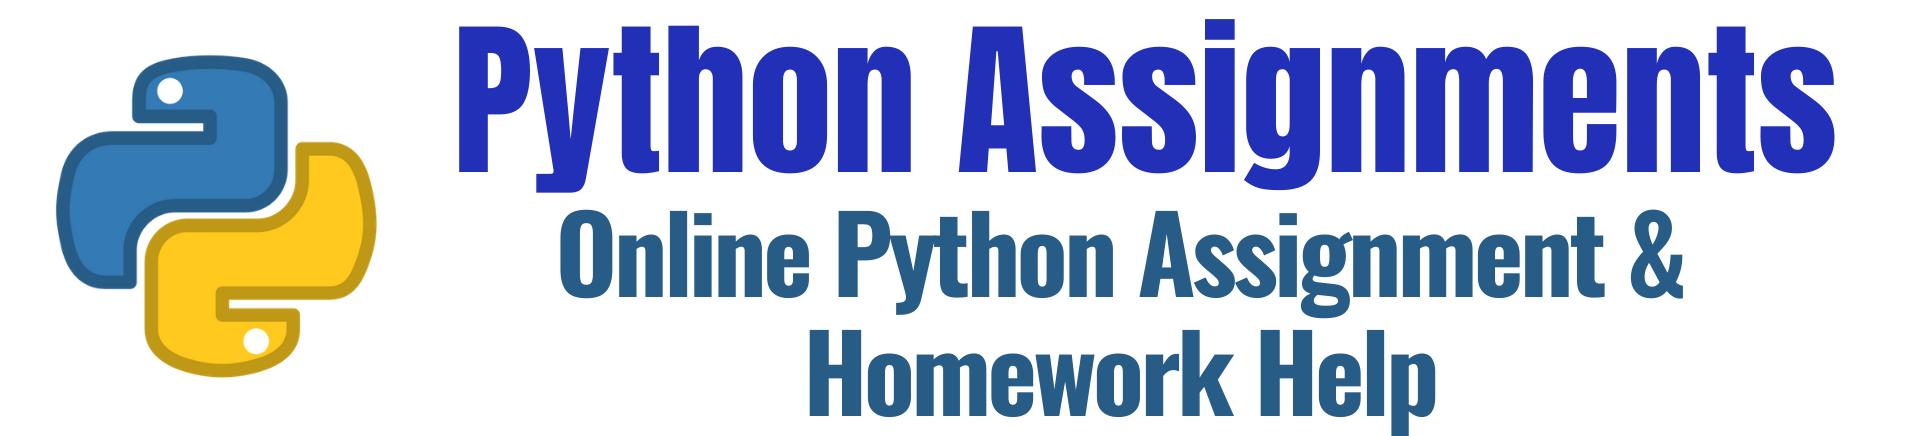 PythonAssignments.xyz